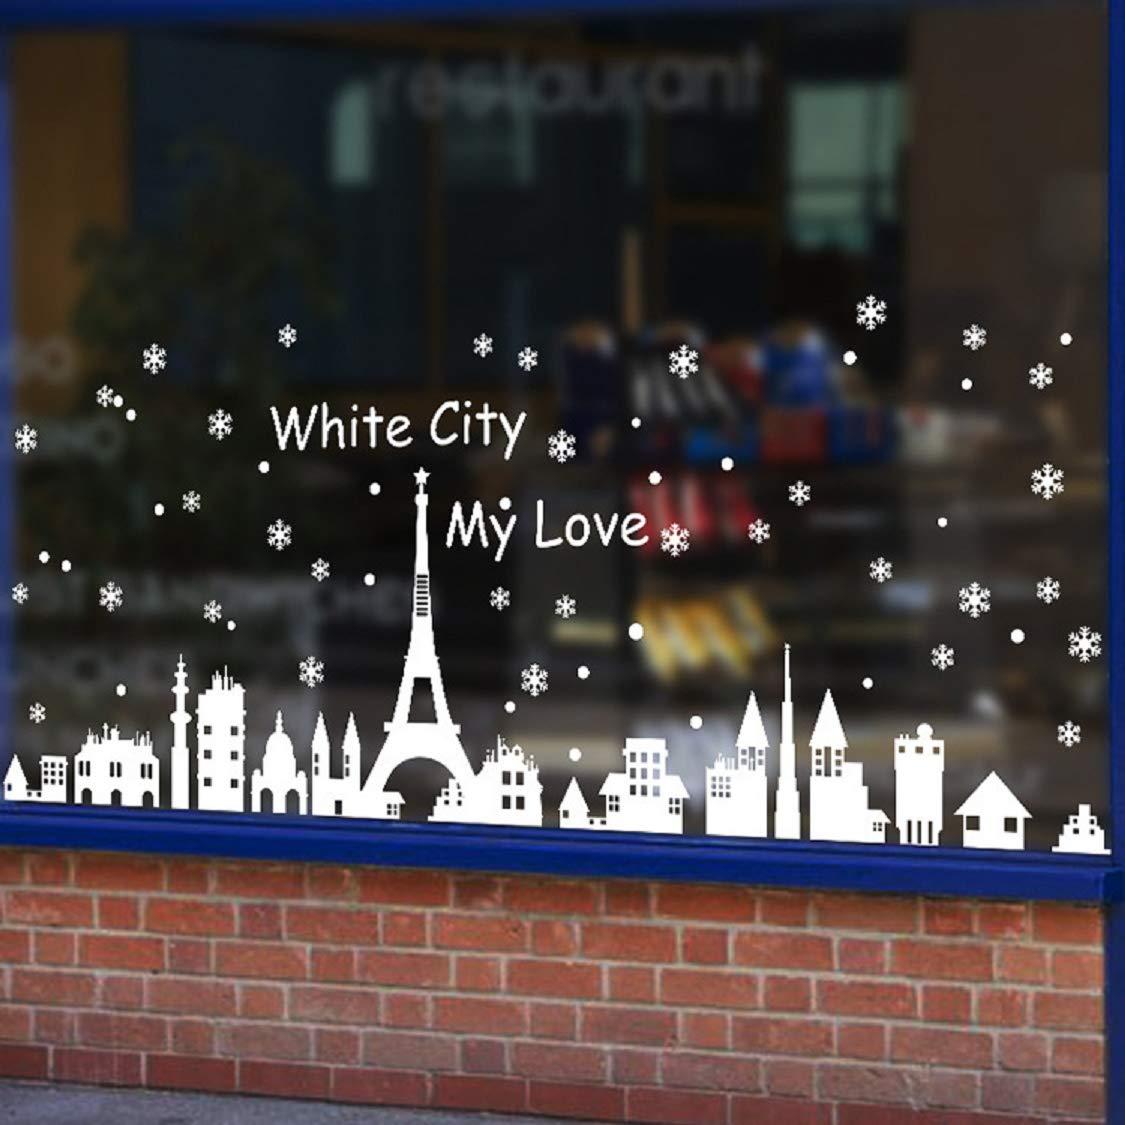 heekpek Decorazione Natalizia Adesivi per Finestre Adesivi Natalizi PVC Riutilizzabile Città Bianca Decorazione per la casa Adesivi